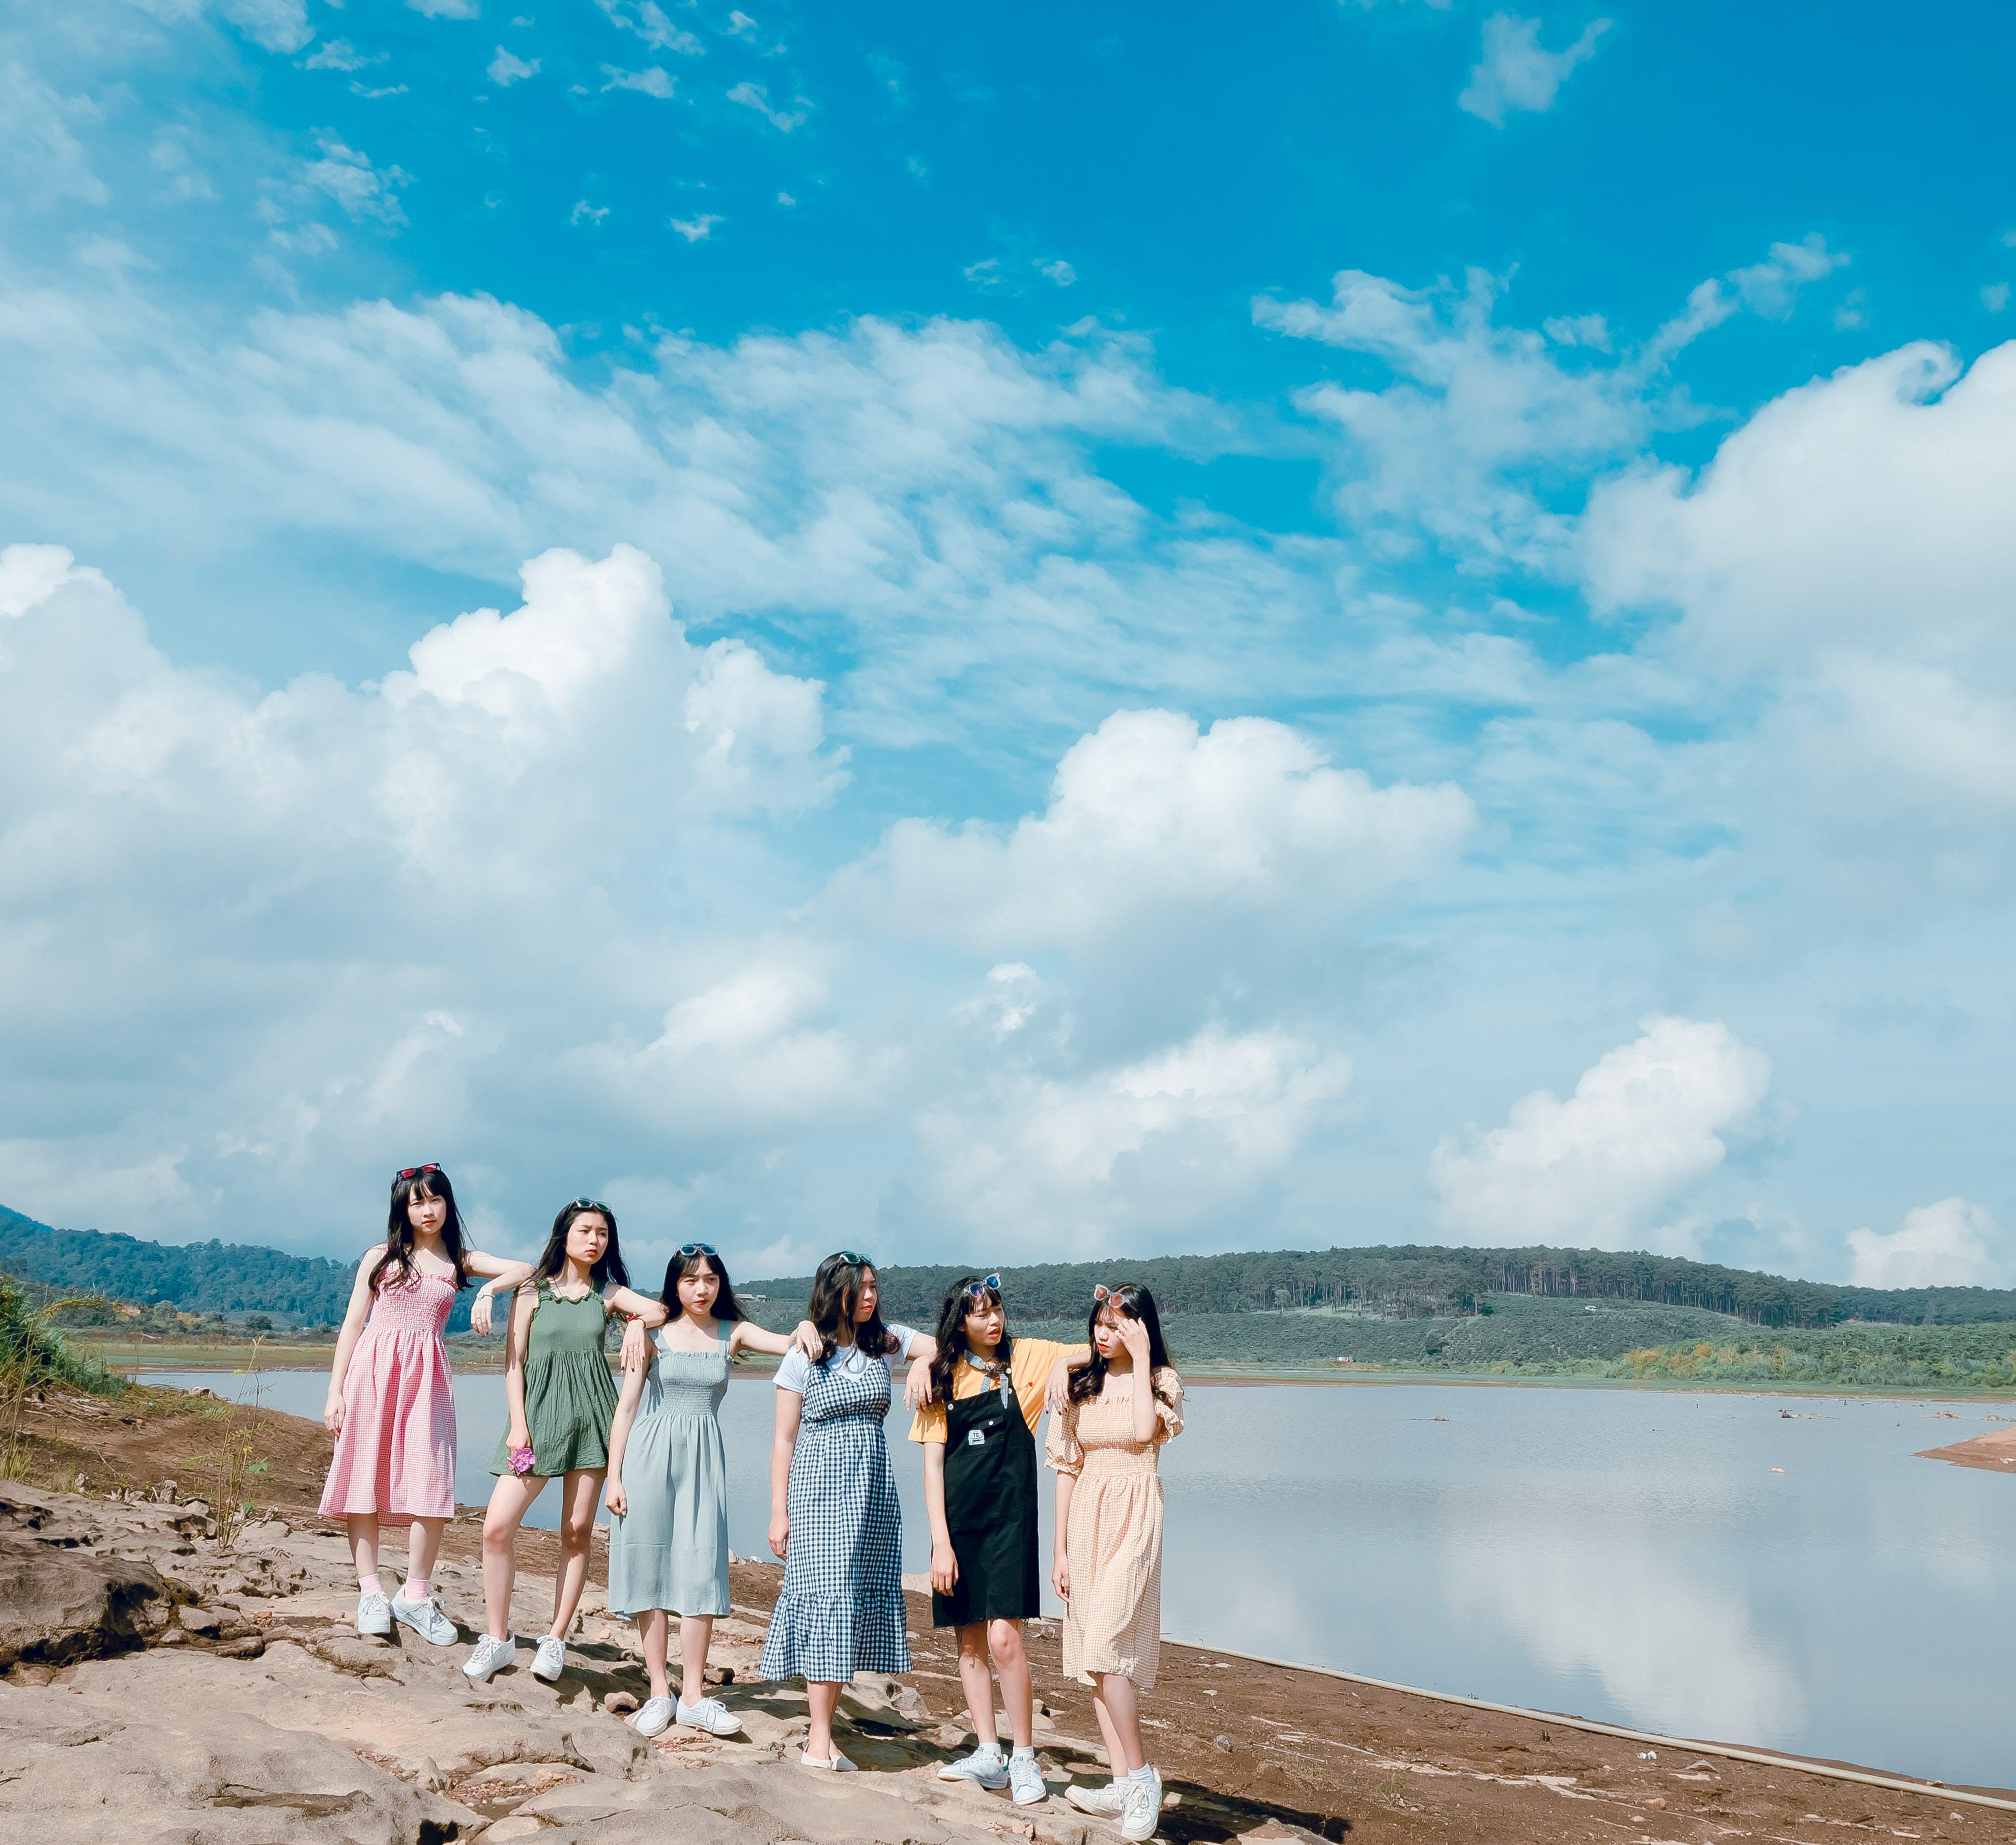 Group of Women Wearing Dress Standing Near Body Of Water